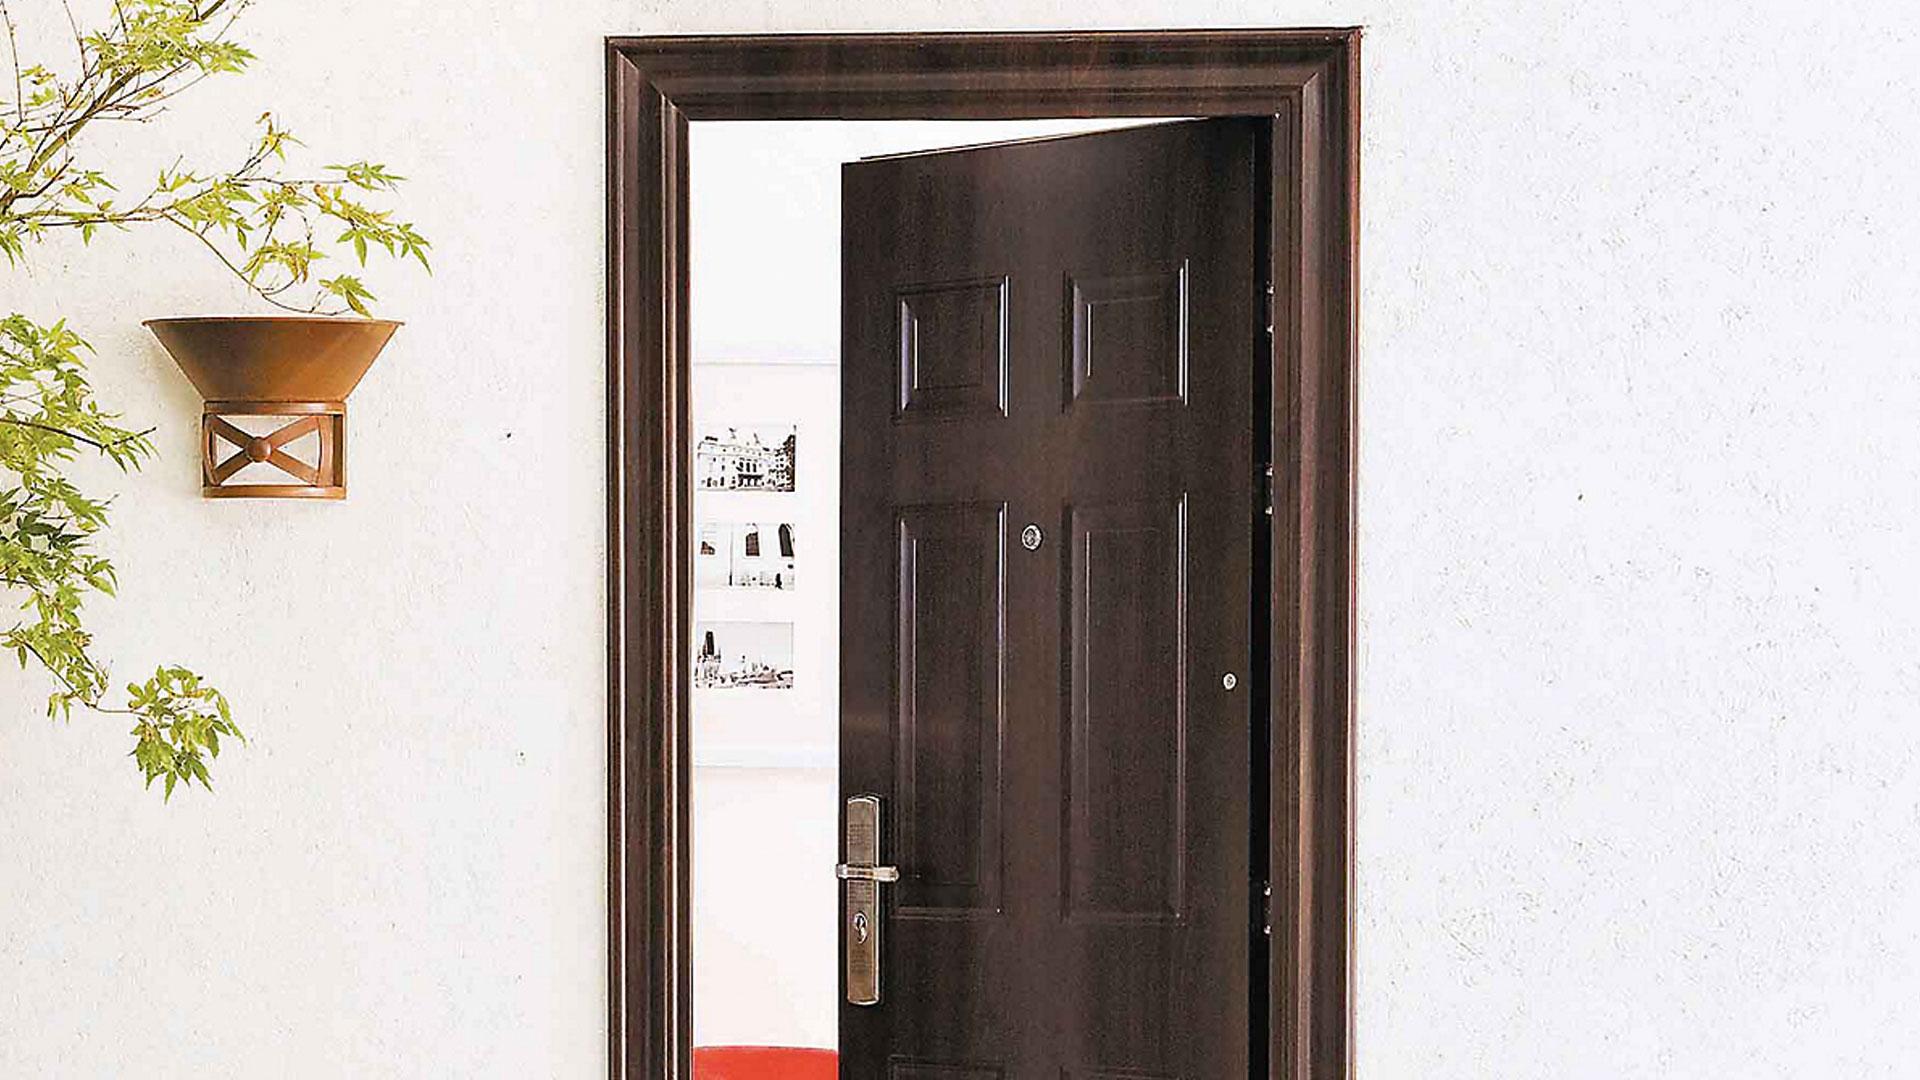 Una casa es más vulnerable cuando tiene una puerta de acceso insegura, tanto en su estructura y solidez, como en la chapa, por eso es importante analizar este punto e instalar una puerta de seguridad construida en acero. Es un proyecto que puede marcar la diferencia a la hora de reforzar la protección de nuestro hogar.